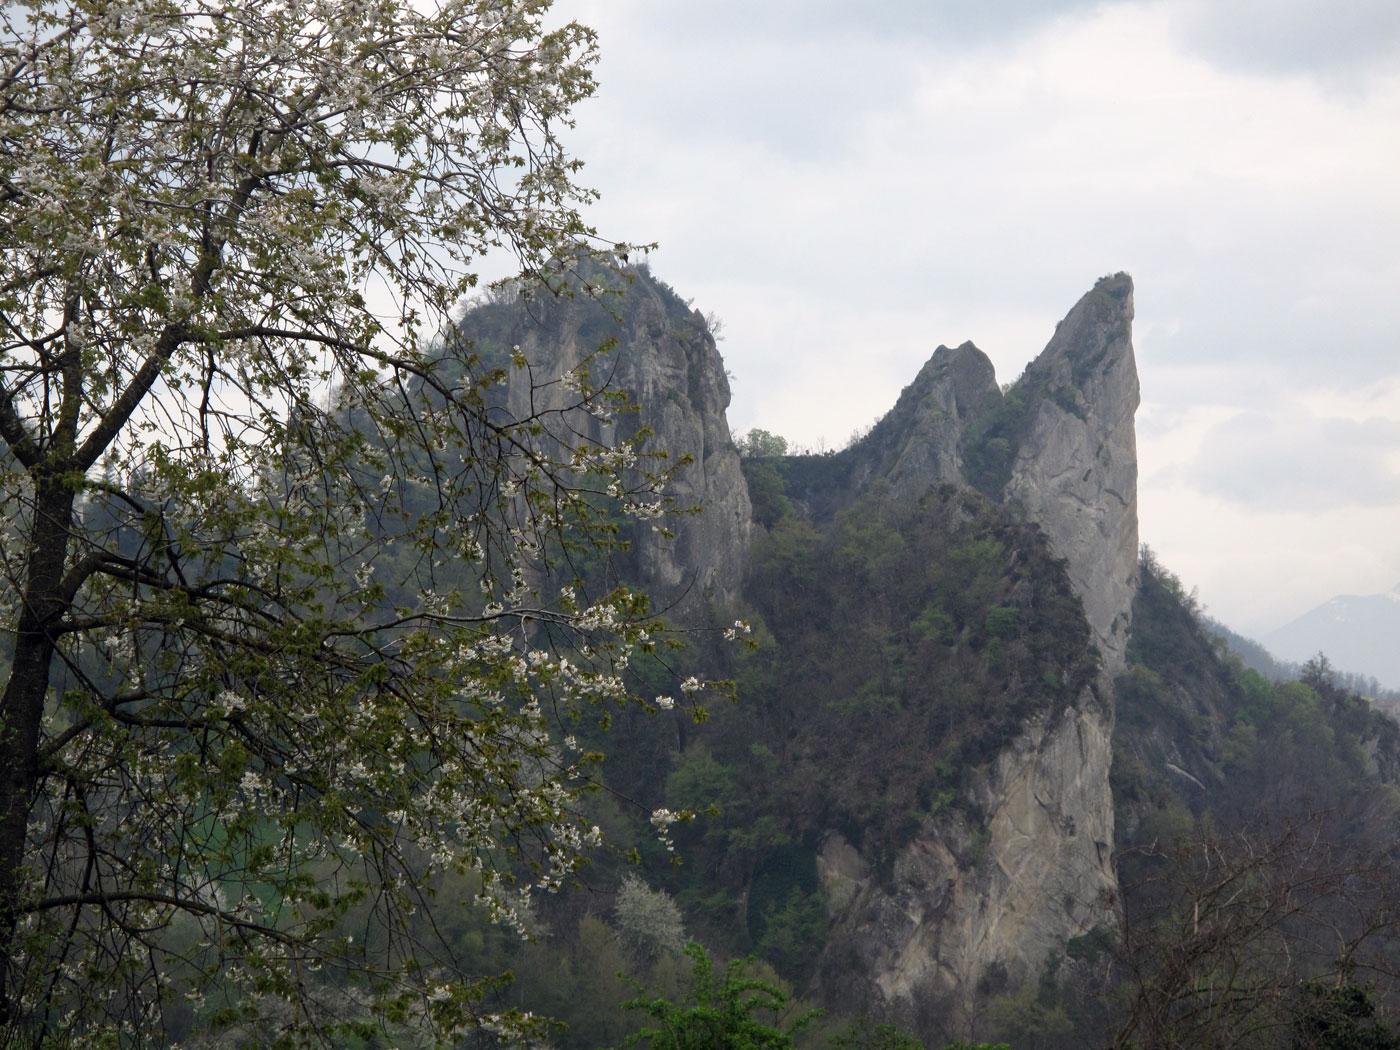 I sassi di Roccamalatina visti dalla zona di Pieve di Trebbio. Battaglia di Pieve di Trebbio